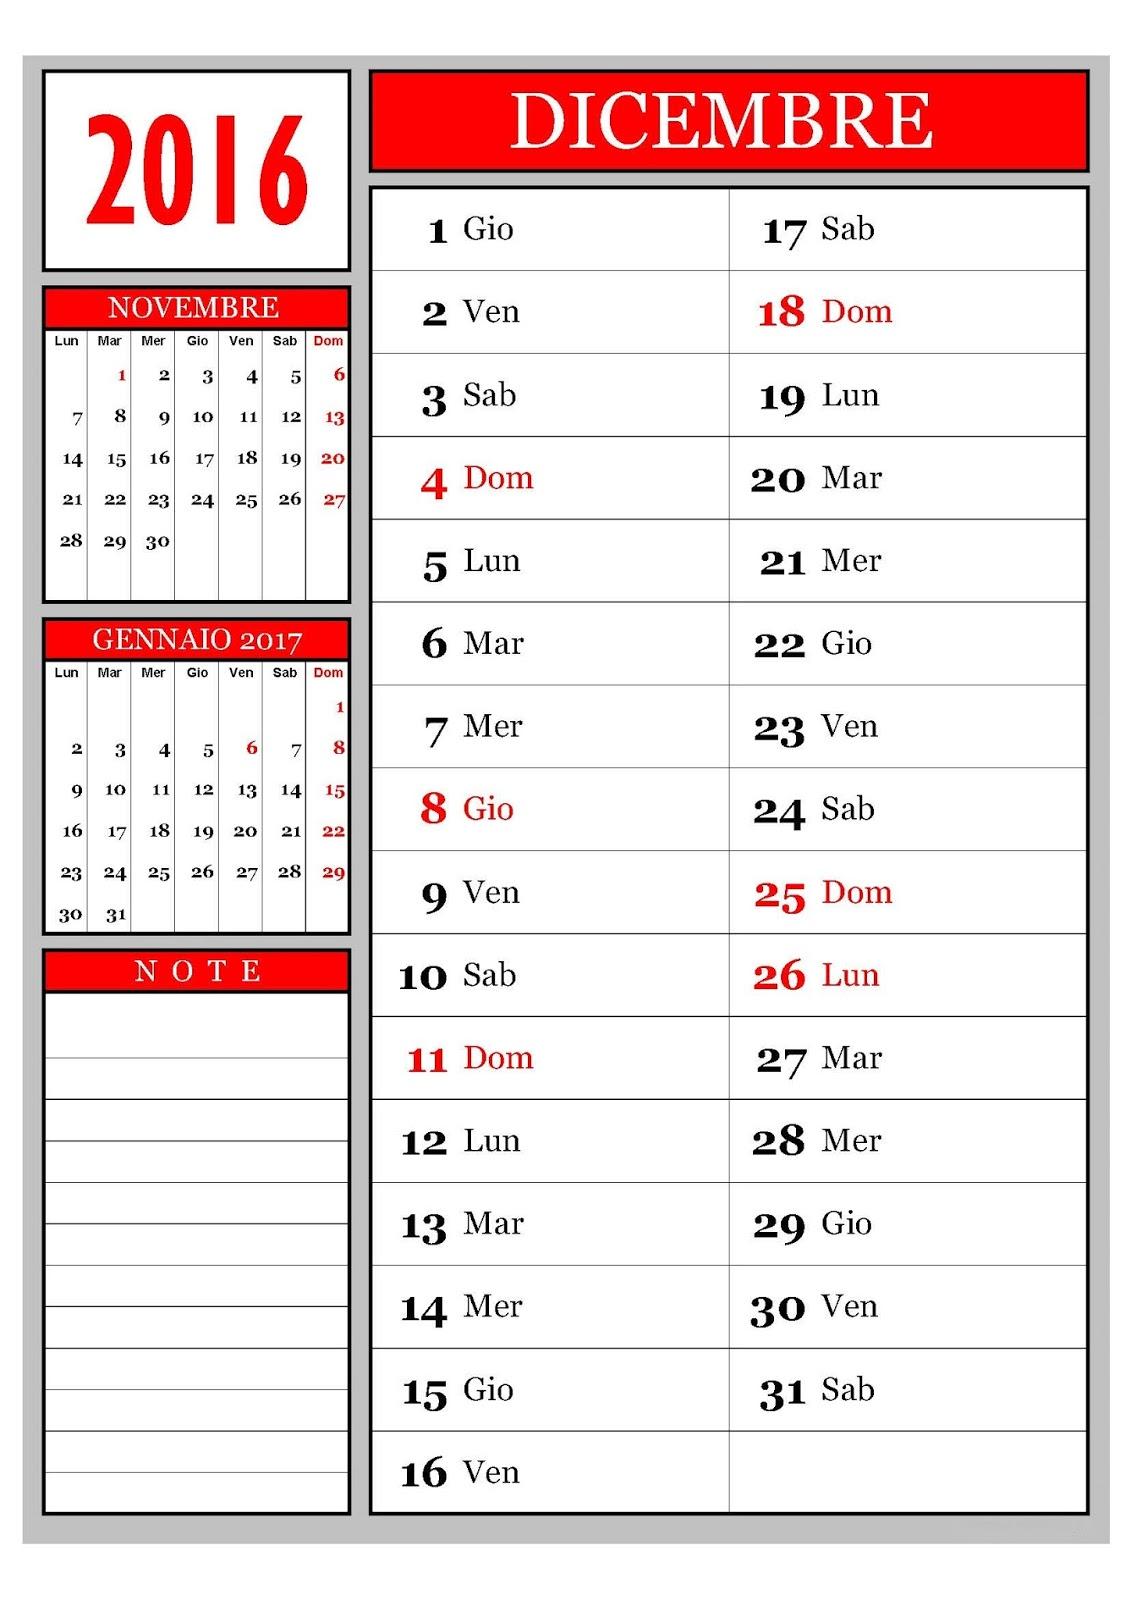 Calendario Da Scaricare.Calendario Calendario Mensile Dicembre 2016 Da Scaricare